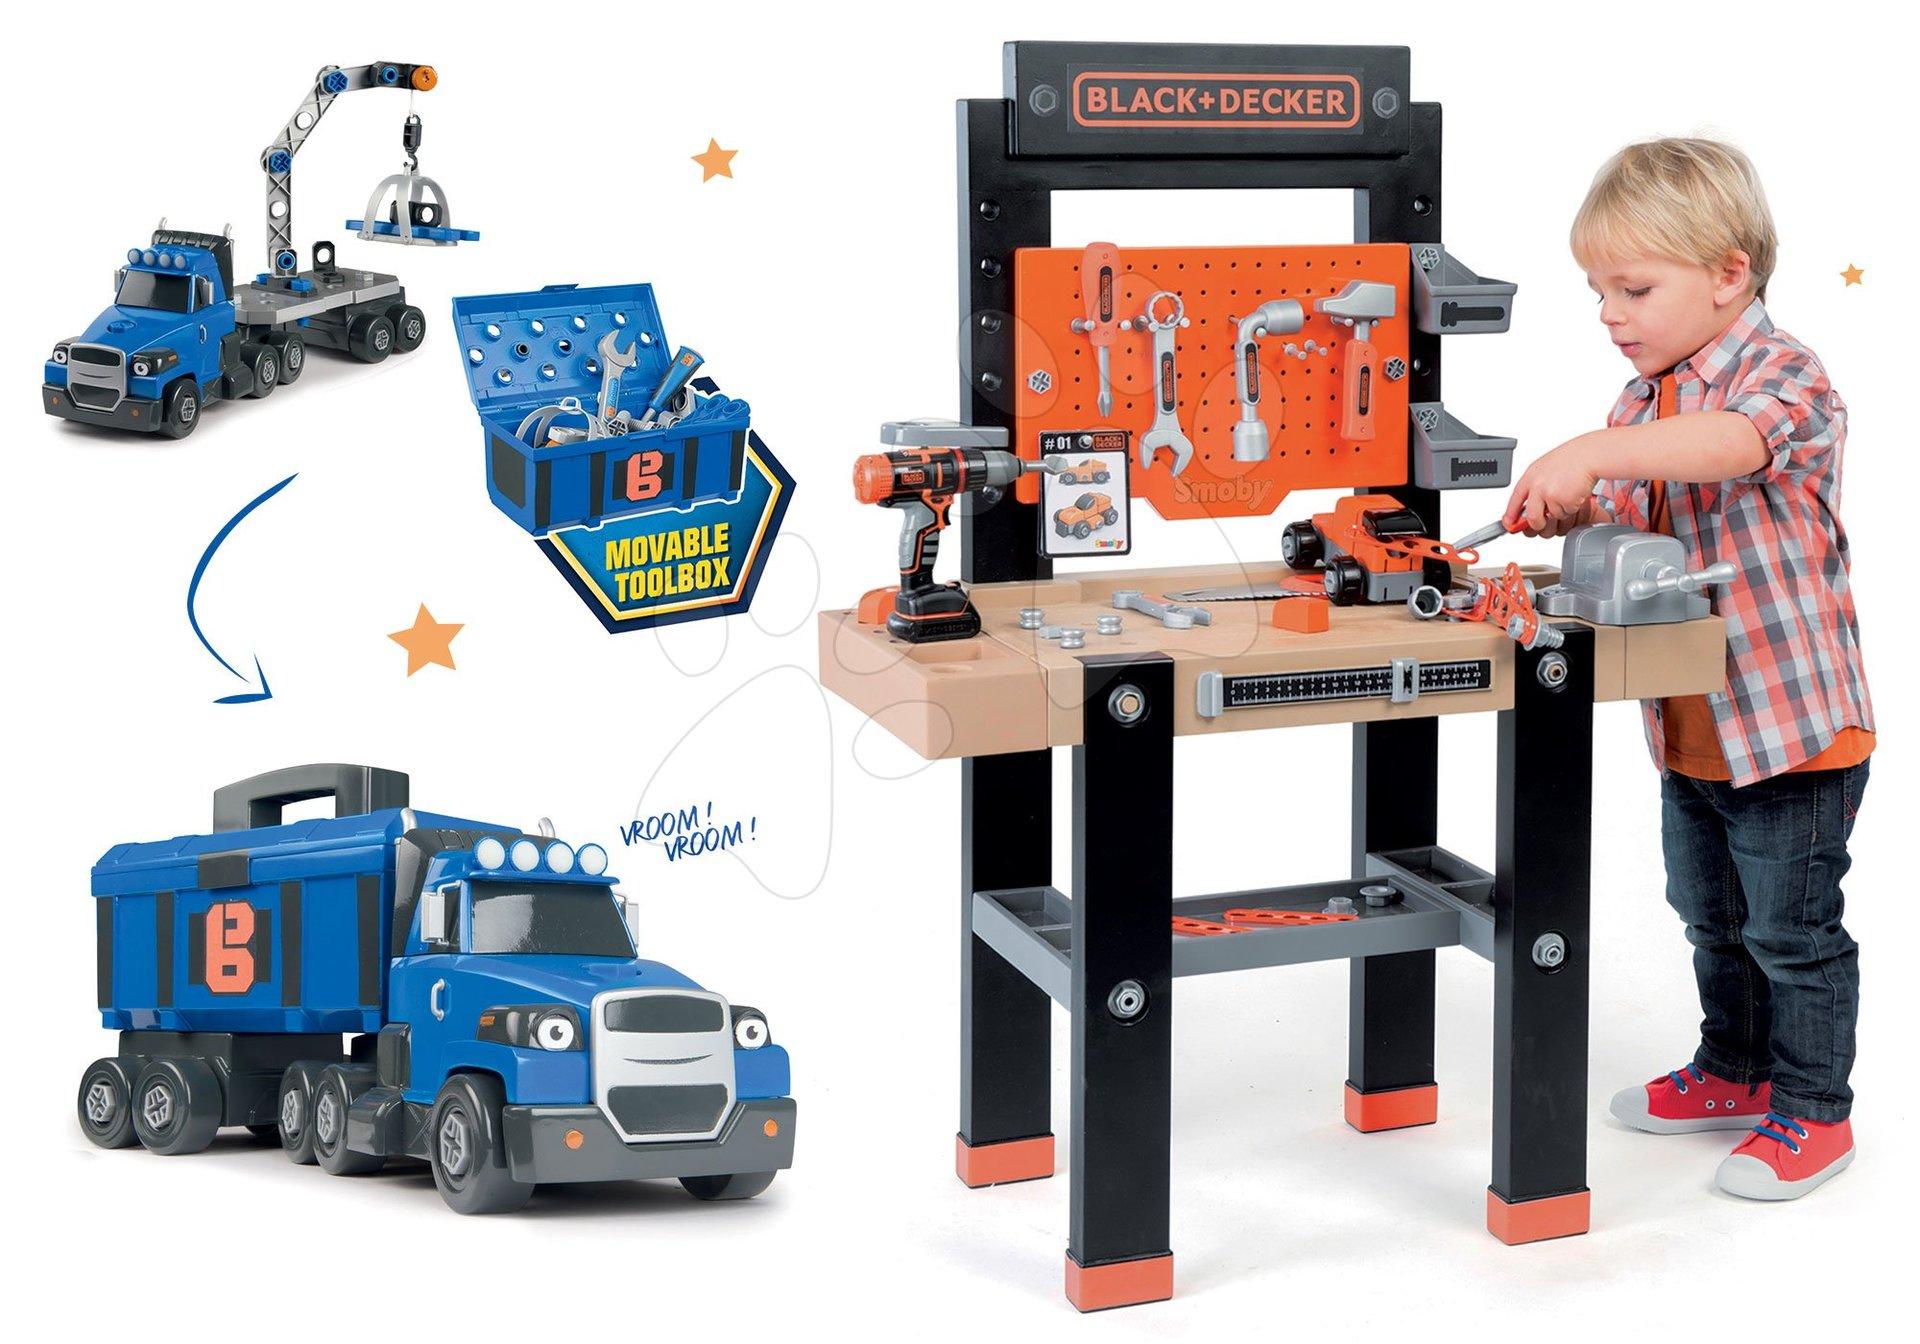 Smoby pracovní dílna pro děti Black+Decker a kamion Bořek Stavitel Two Tons Truck 360701-8